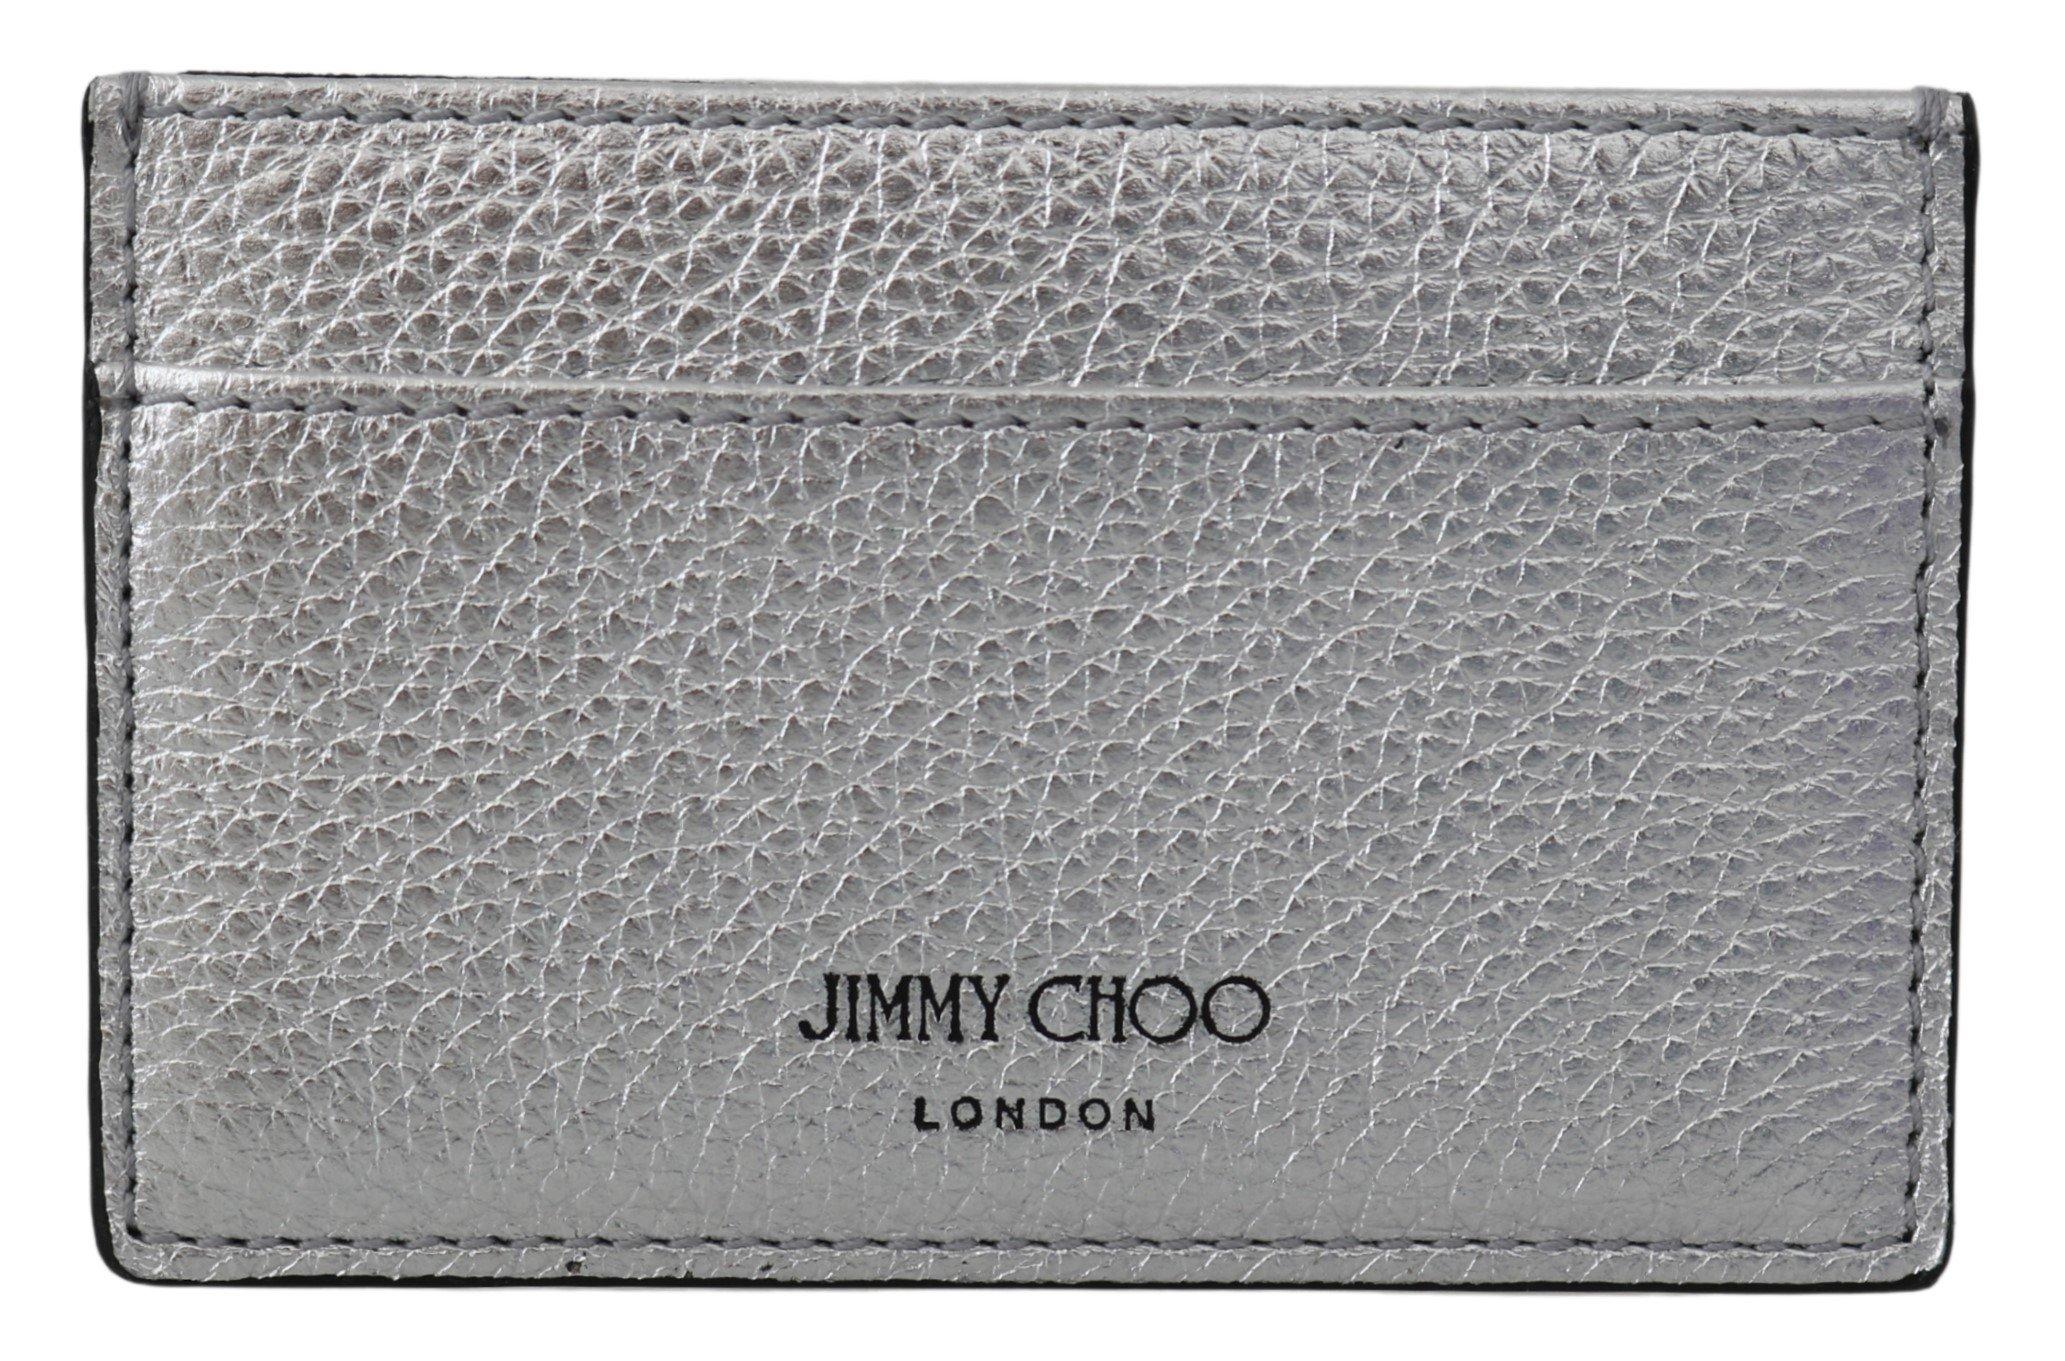 Jimmy Choo Women's Aarna Card Slot Holder Silver 1435714